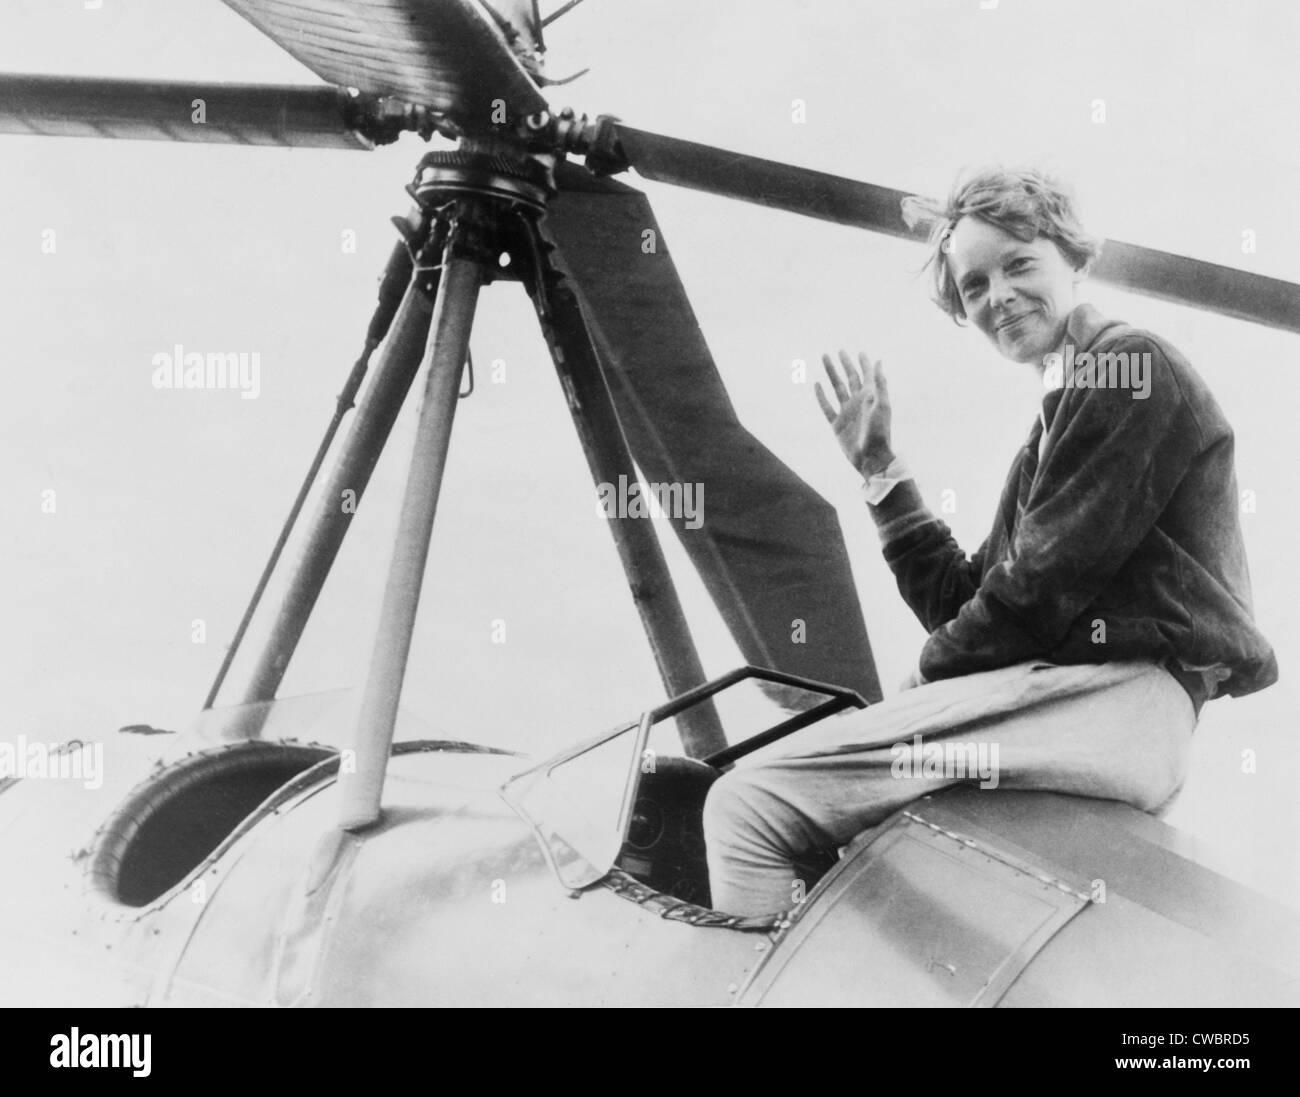 Amelia Earhart (1897-1937), acenando, sentado fora da cabine na parte superior de um Autogiro, em Los Angeles, pouco Imagens de Stock